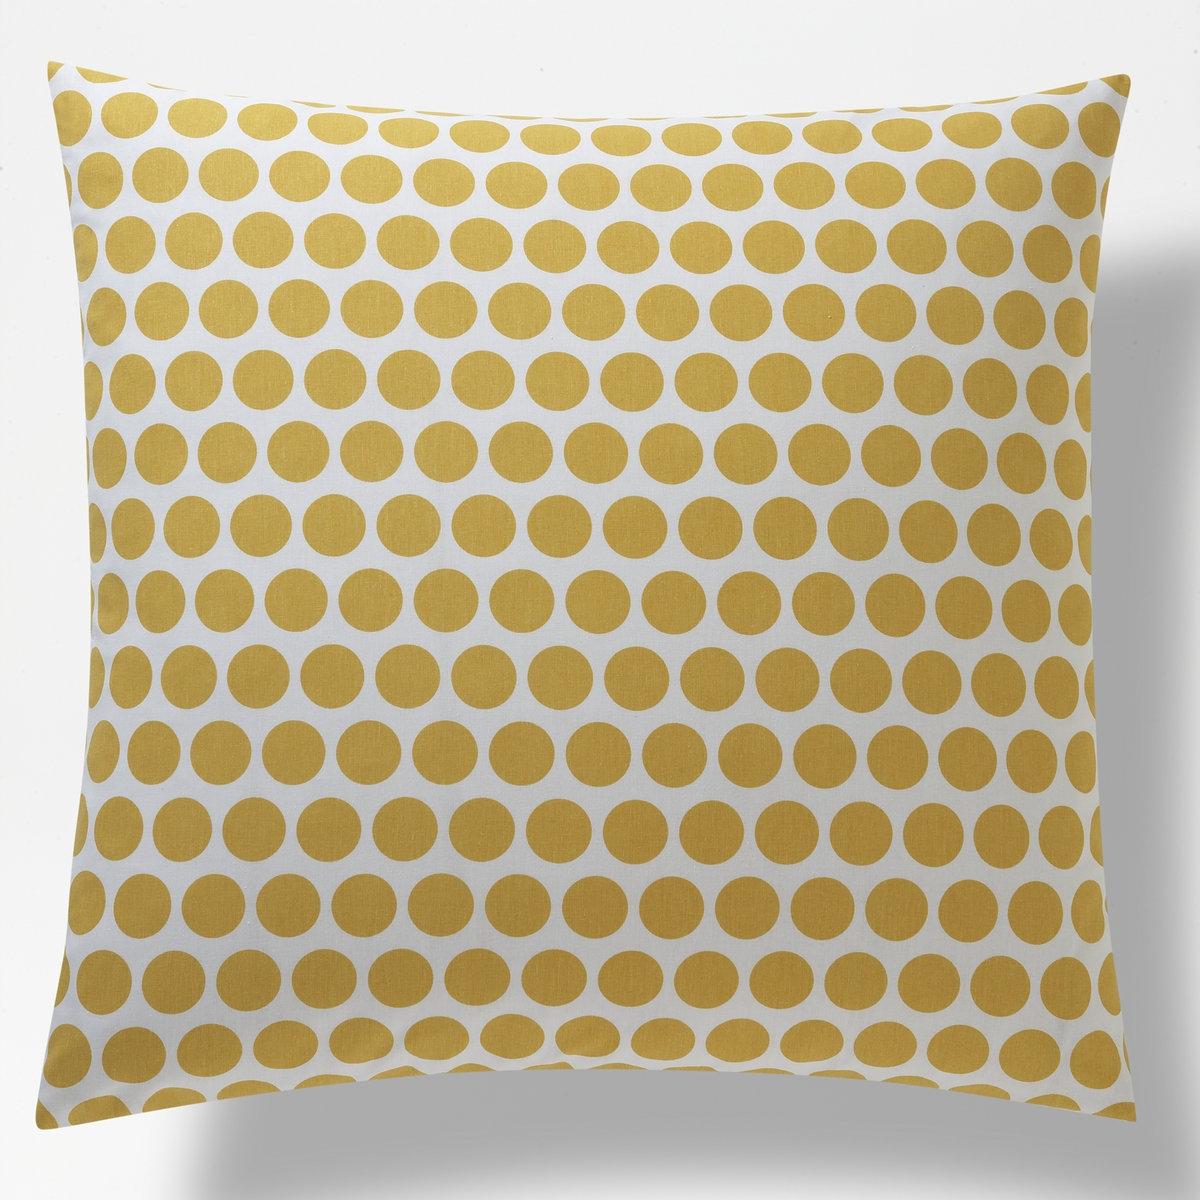 Наволочка с рисунком для девочек CHAT CUTEРазмеры: 63 x 63 см: квадратная наволочка. Цвет: с лицевой стороны принт в крупный горошек горчичного цвета на белом фоне. С изнаночной стороны: принт в мелкий горошек горчичного цвета на белом фоне.Размеры: 63 x 63 см.<br><br>Цвет: белый/ желтый